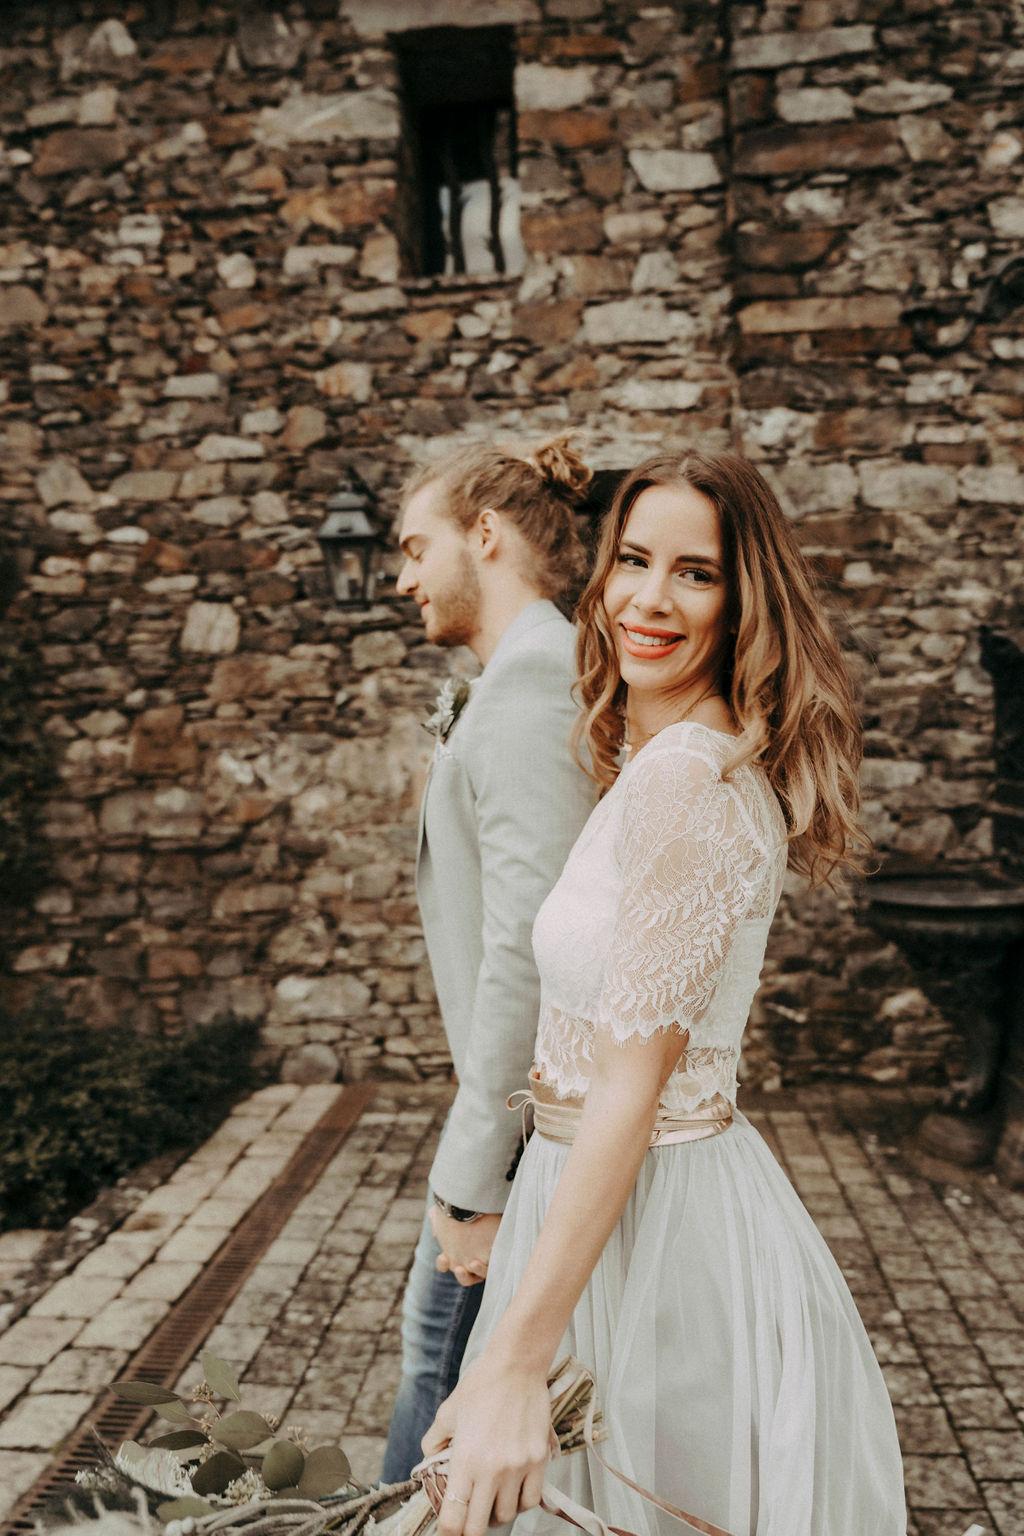 noni Brautmode, Styled Shoot, Brautpaar vor mittelalterlichem Burgtor, Hand in Hand